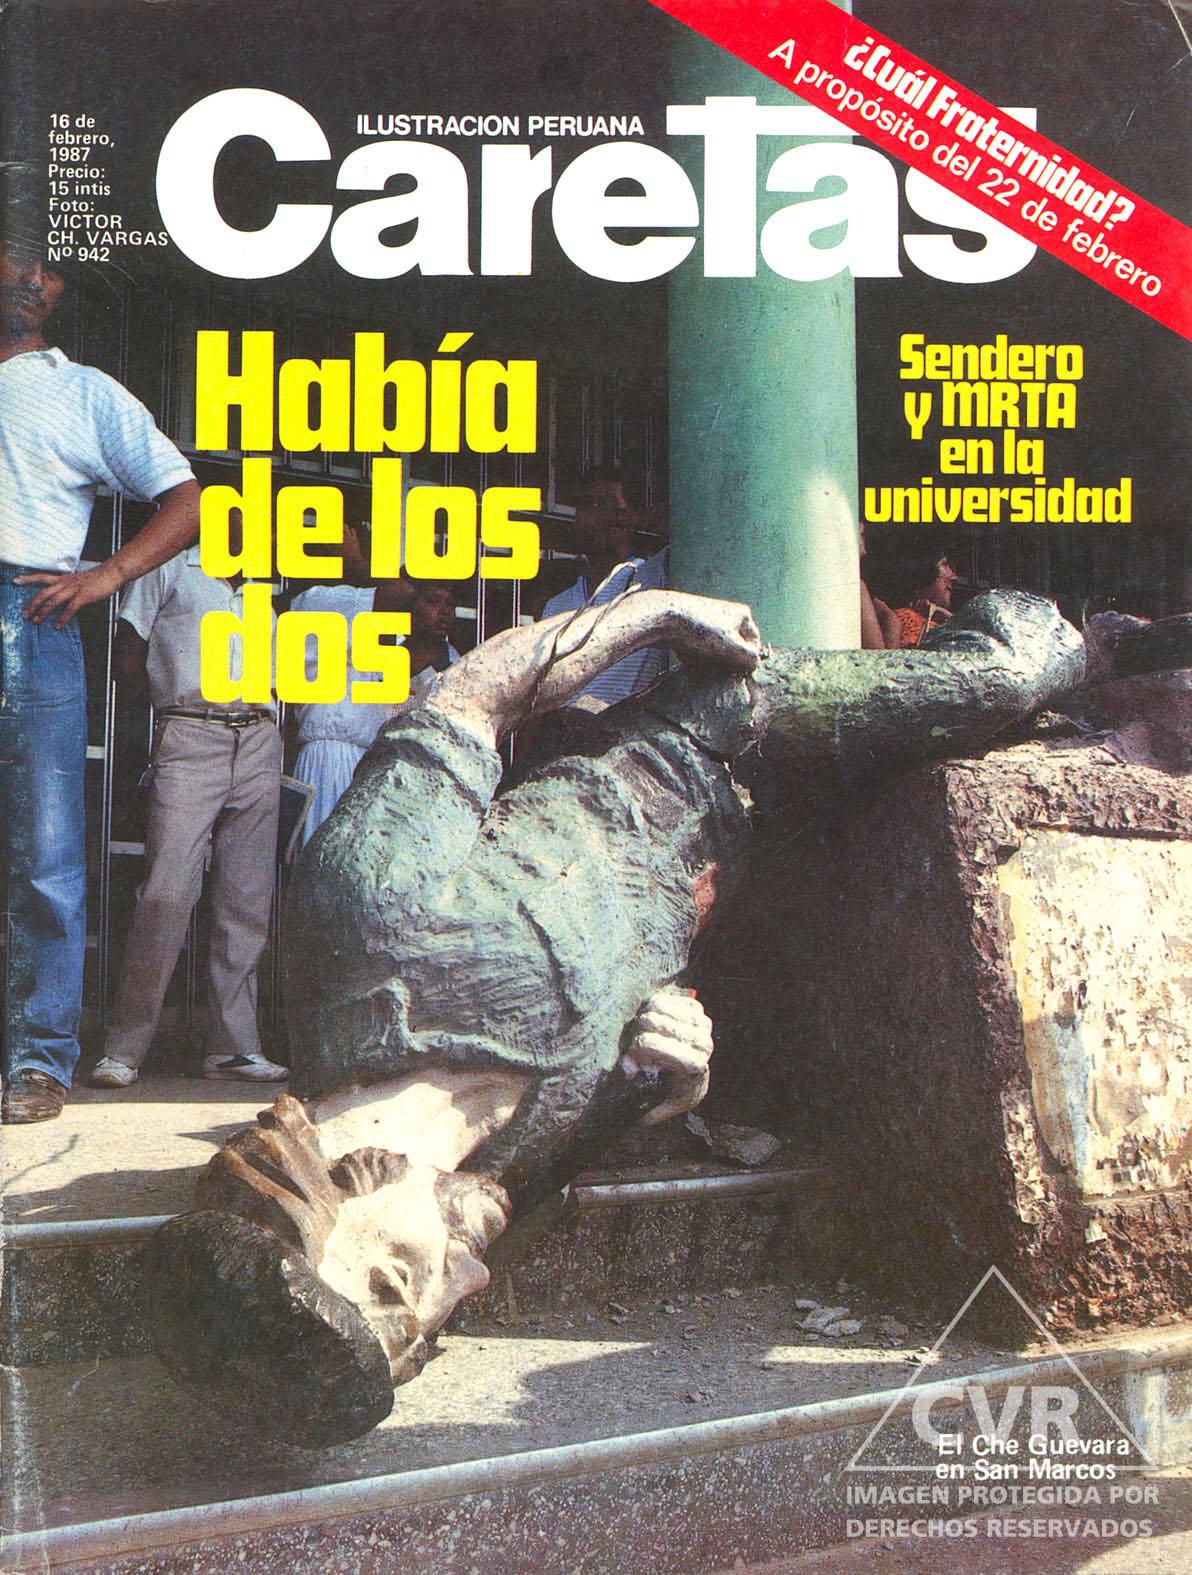 Portada Caretas 1987. Víctor Ch. Vargas